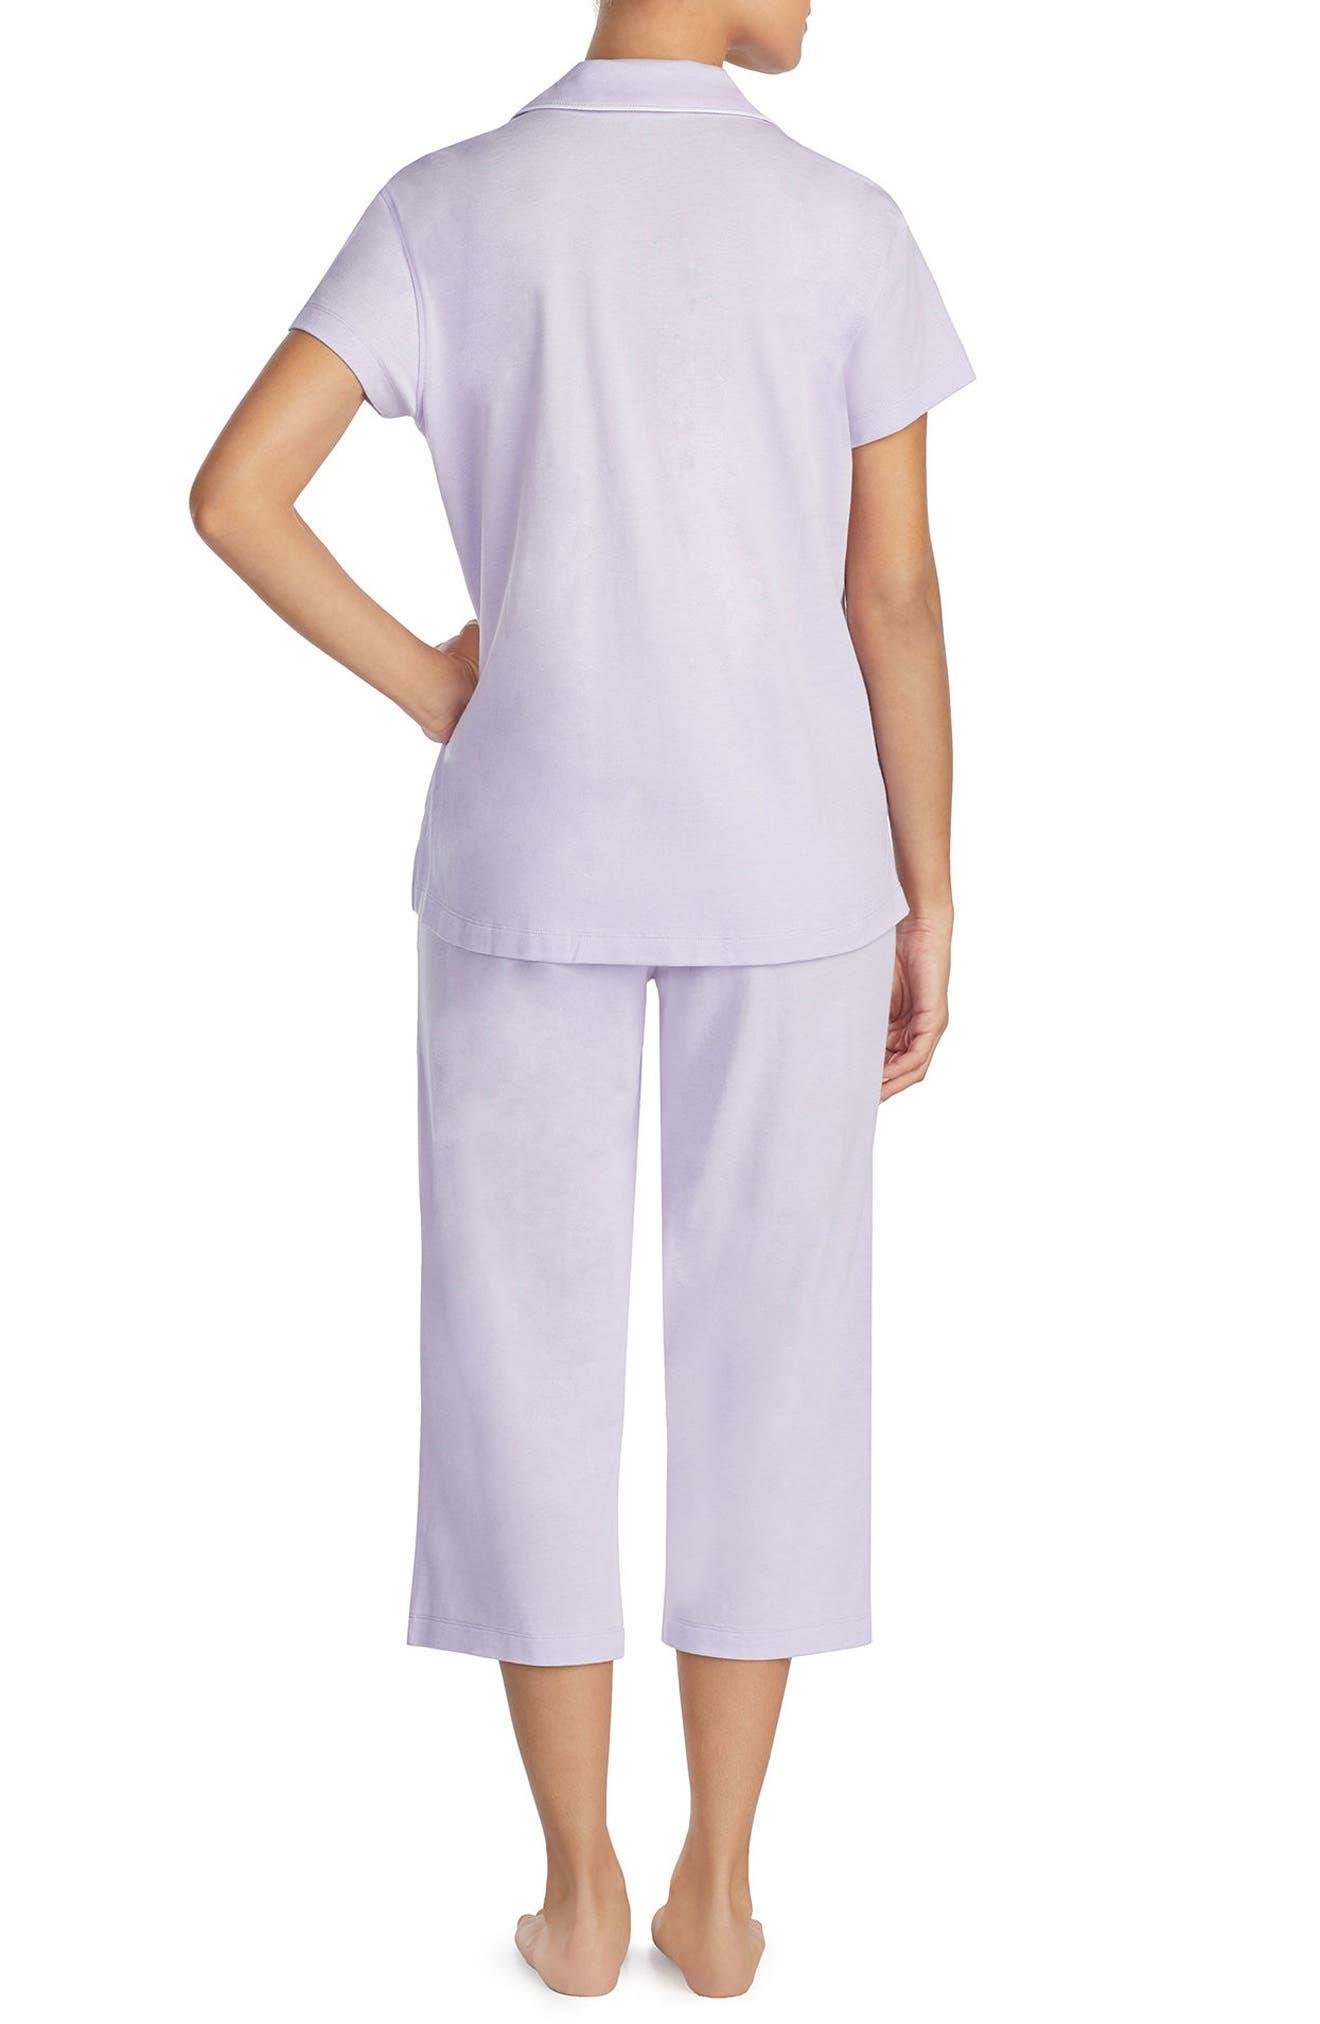 Knit Capri Pajamas,                             Alternate thumbnail 2, color,                             530